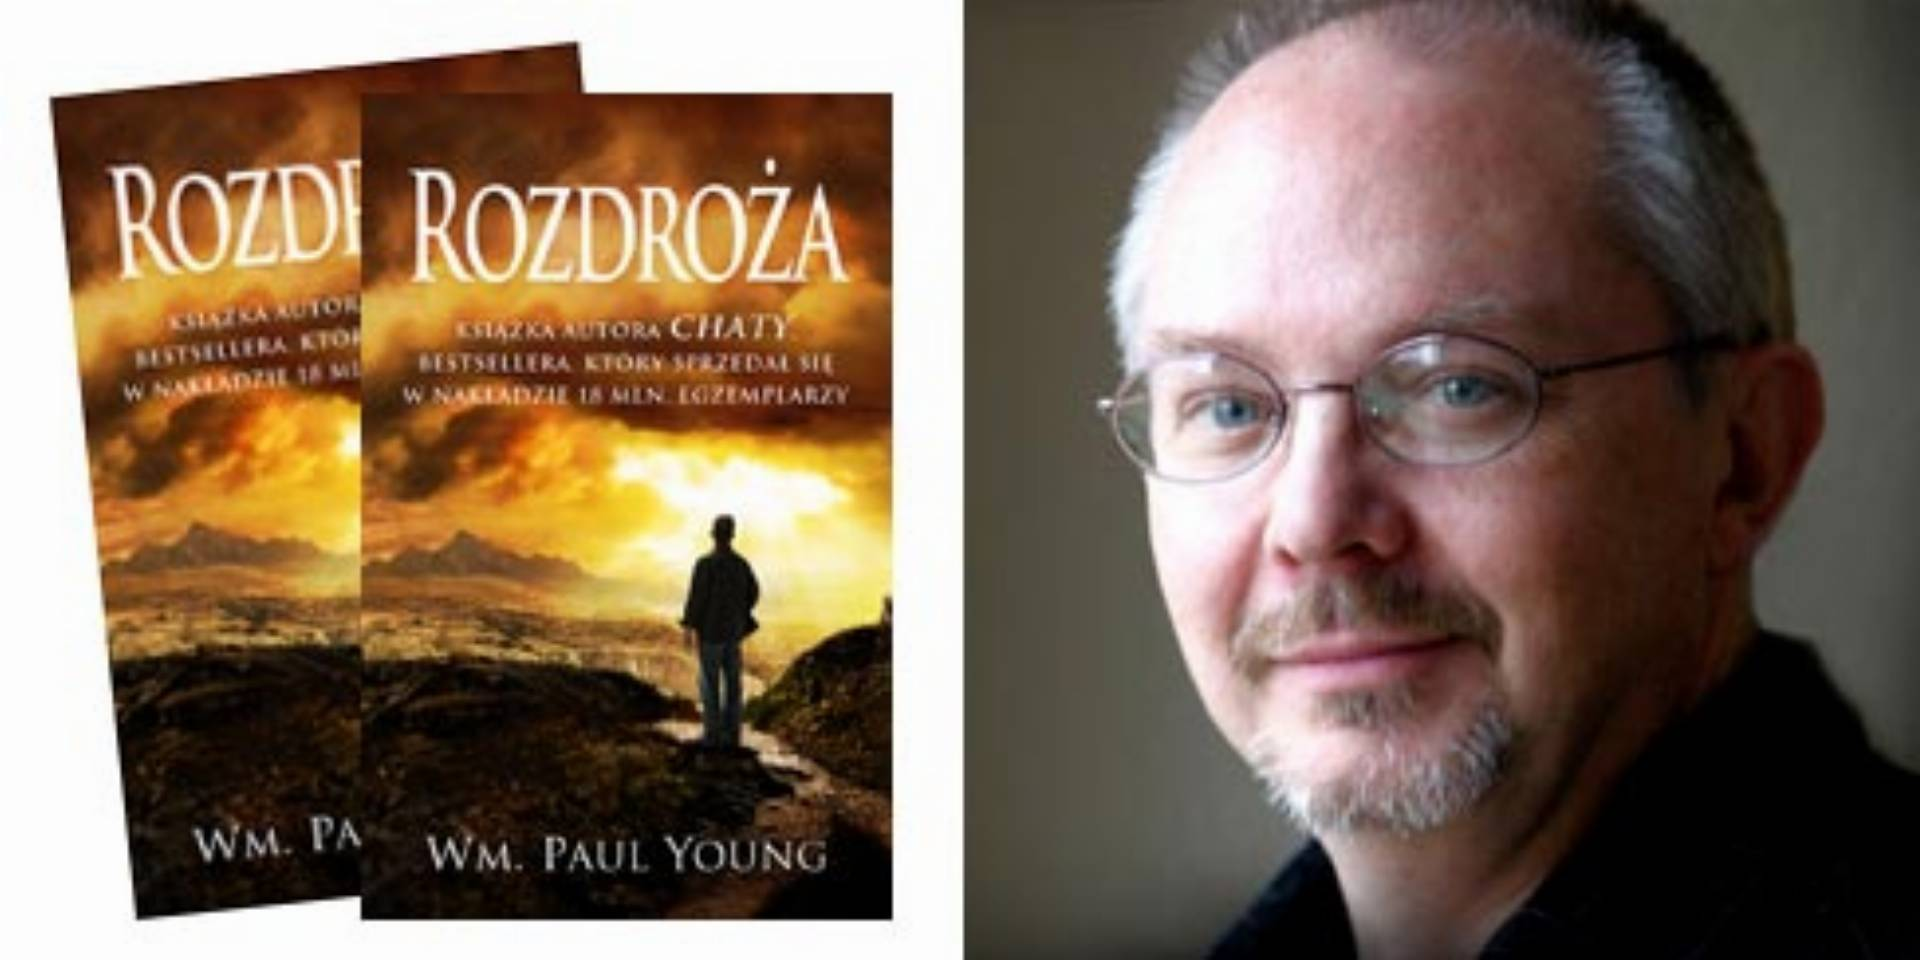 Paul-Young-Bezdroza